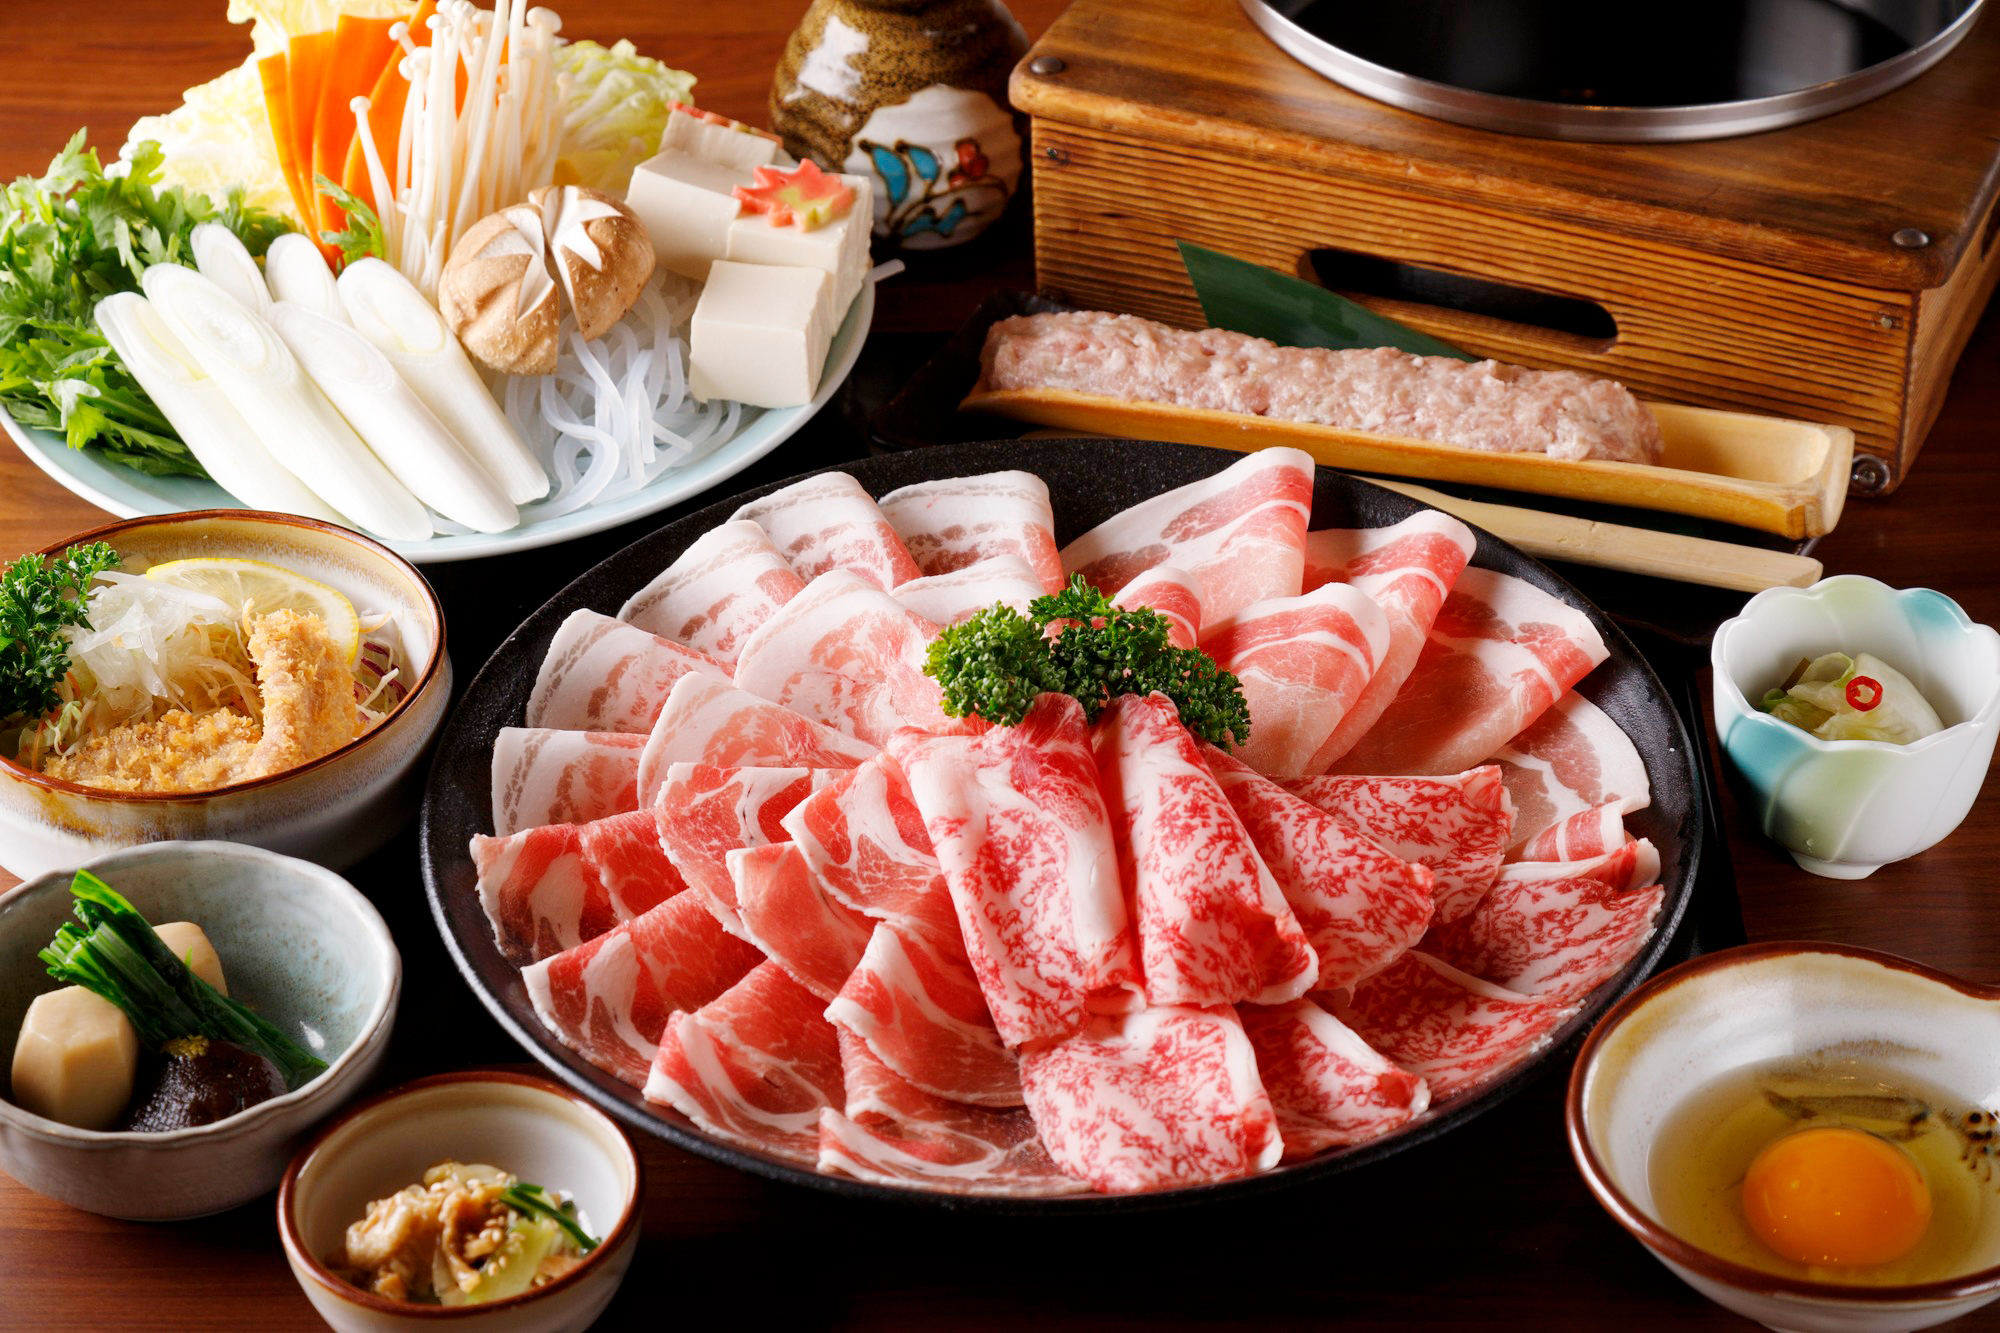 特選すきやき肉セットなどが当たる(画像はイメージ)